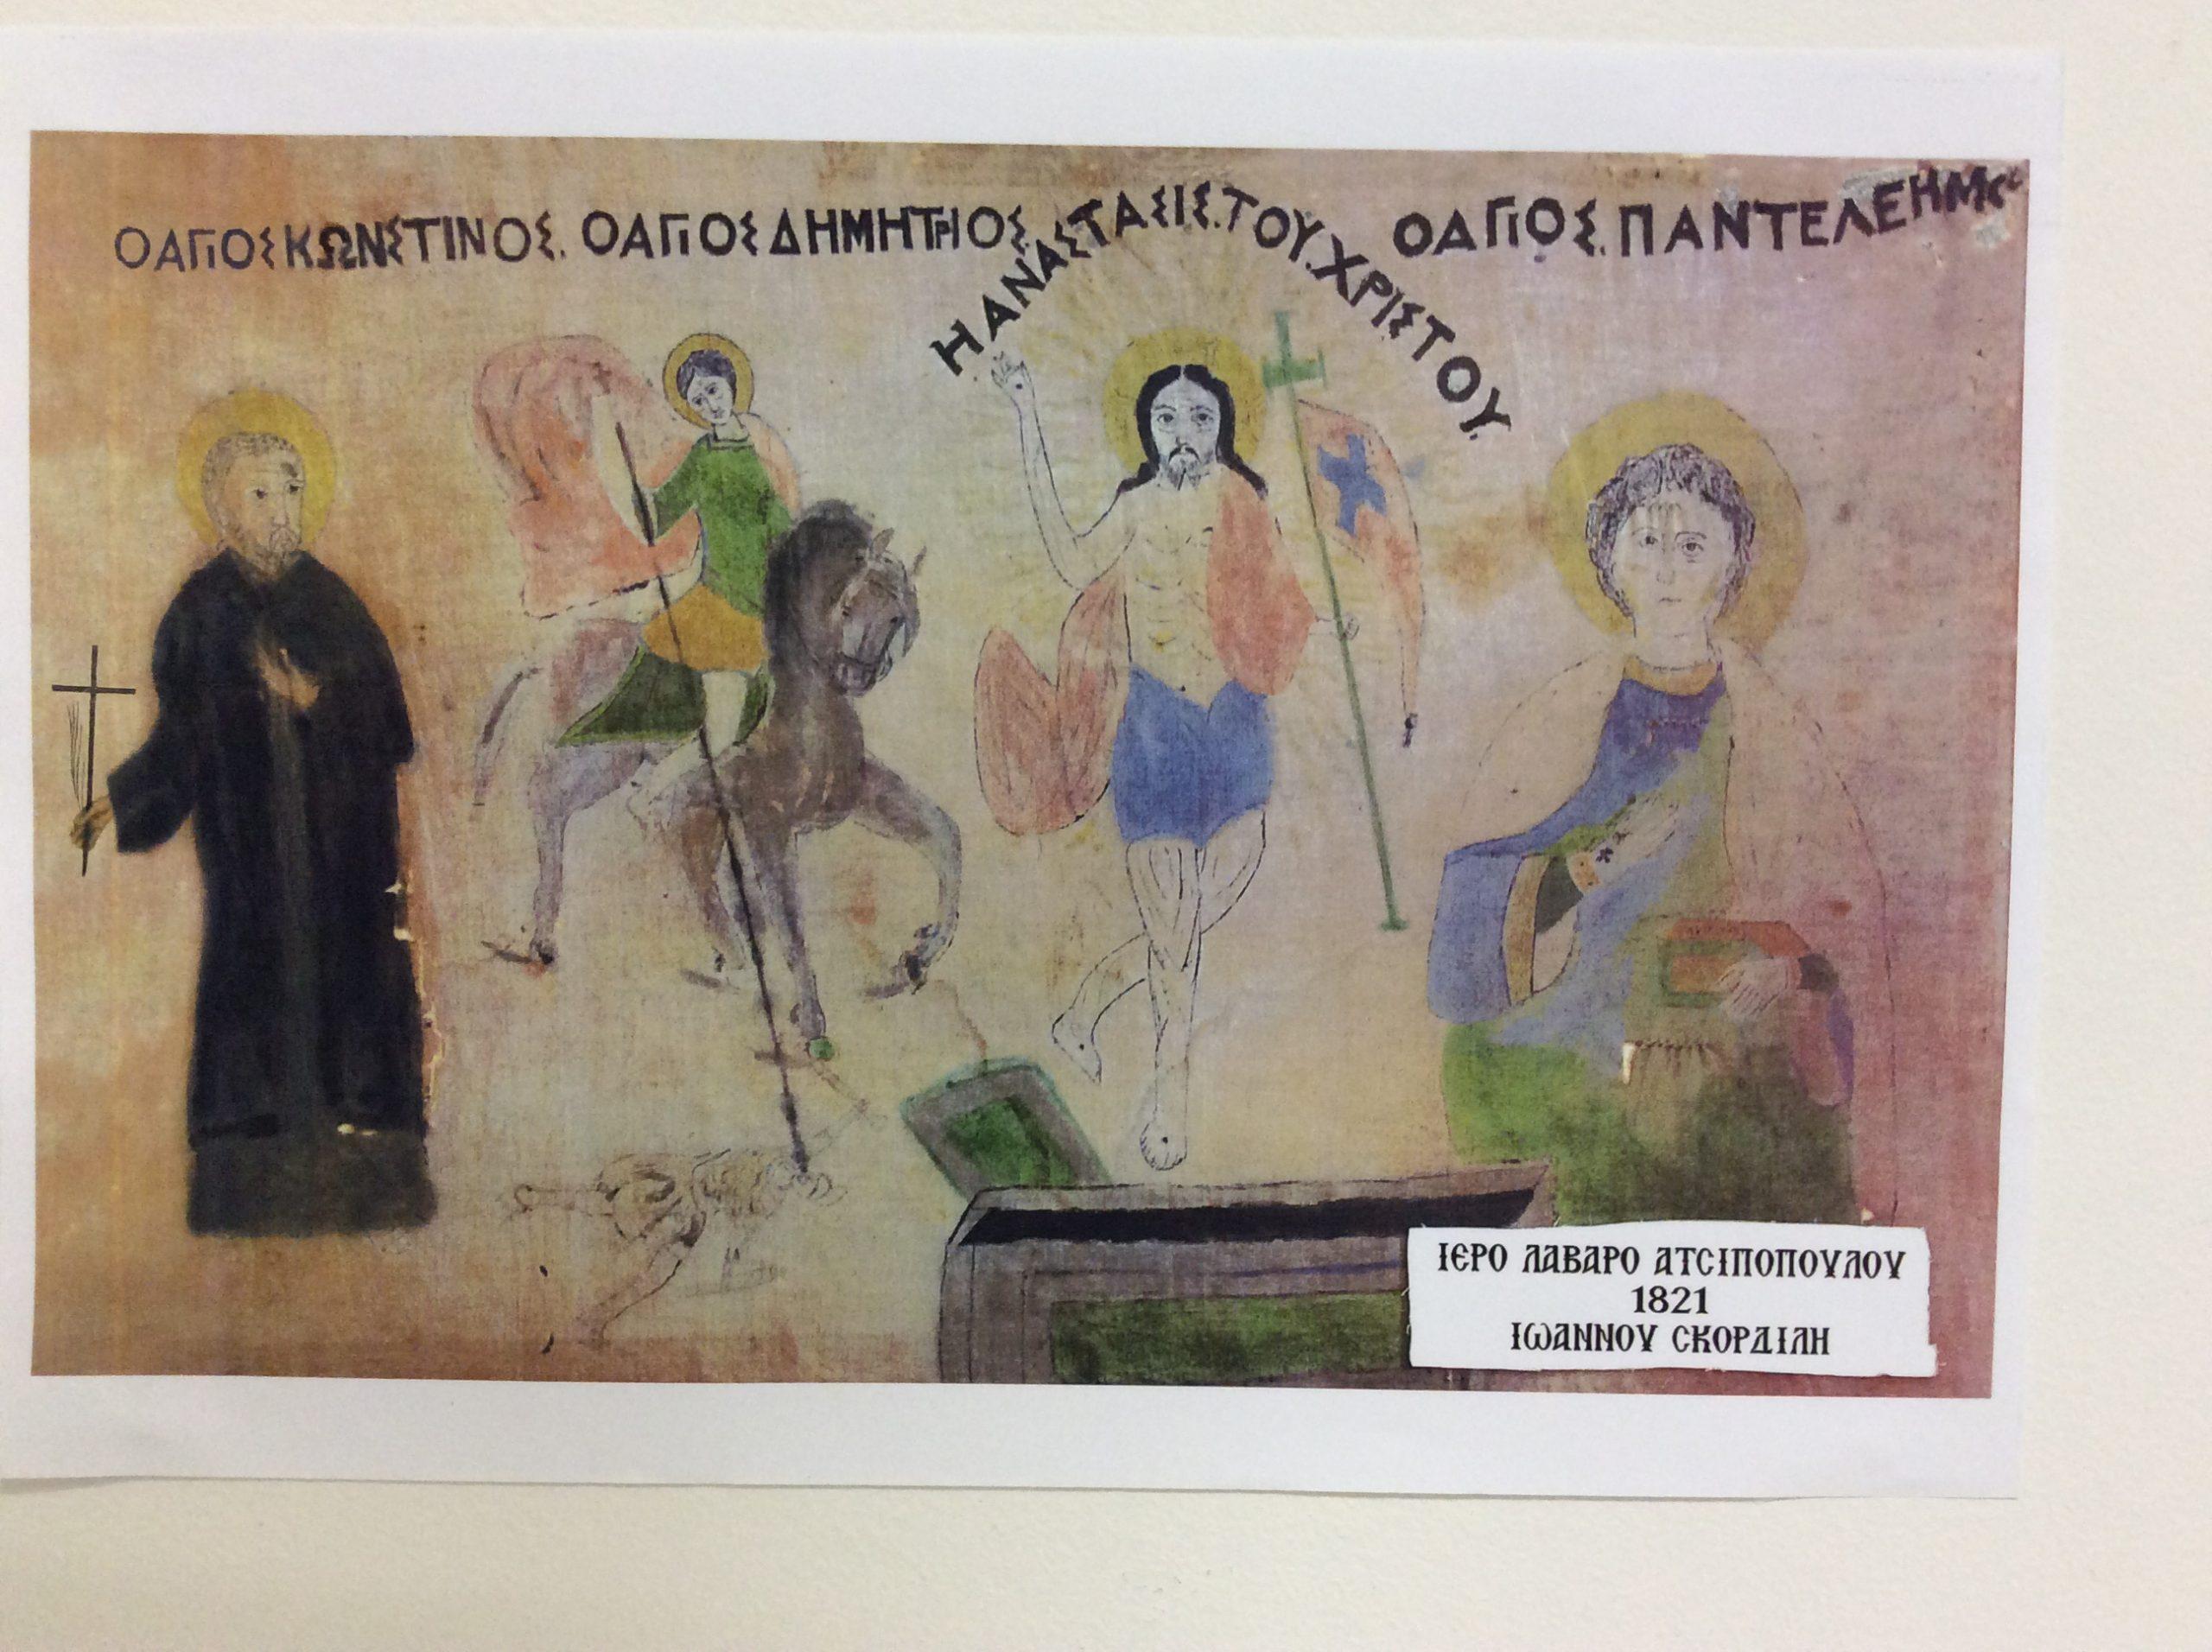 Το ιερό λάβαρο της Επανάστασης του 1821 στην Κρήτη, που φυλάσσεται στο Ατσιποπούλο Ρεθύμνου